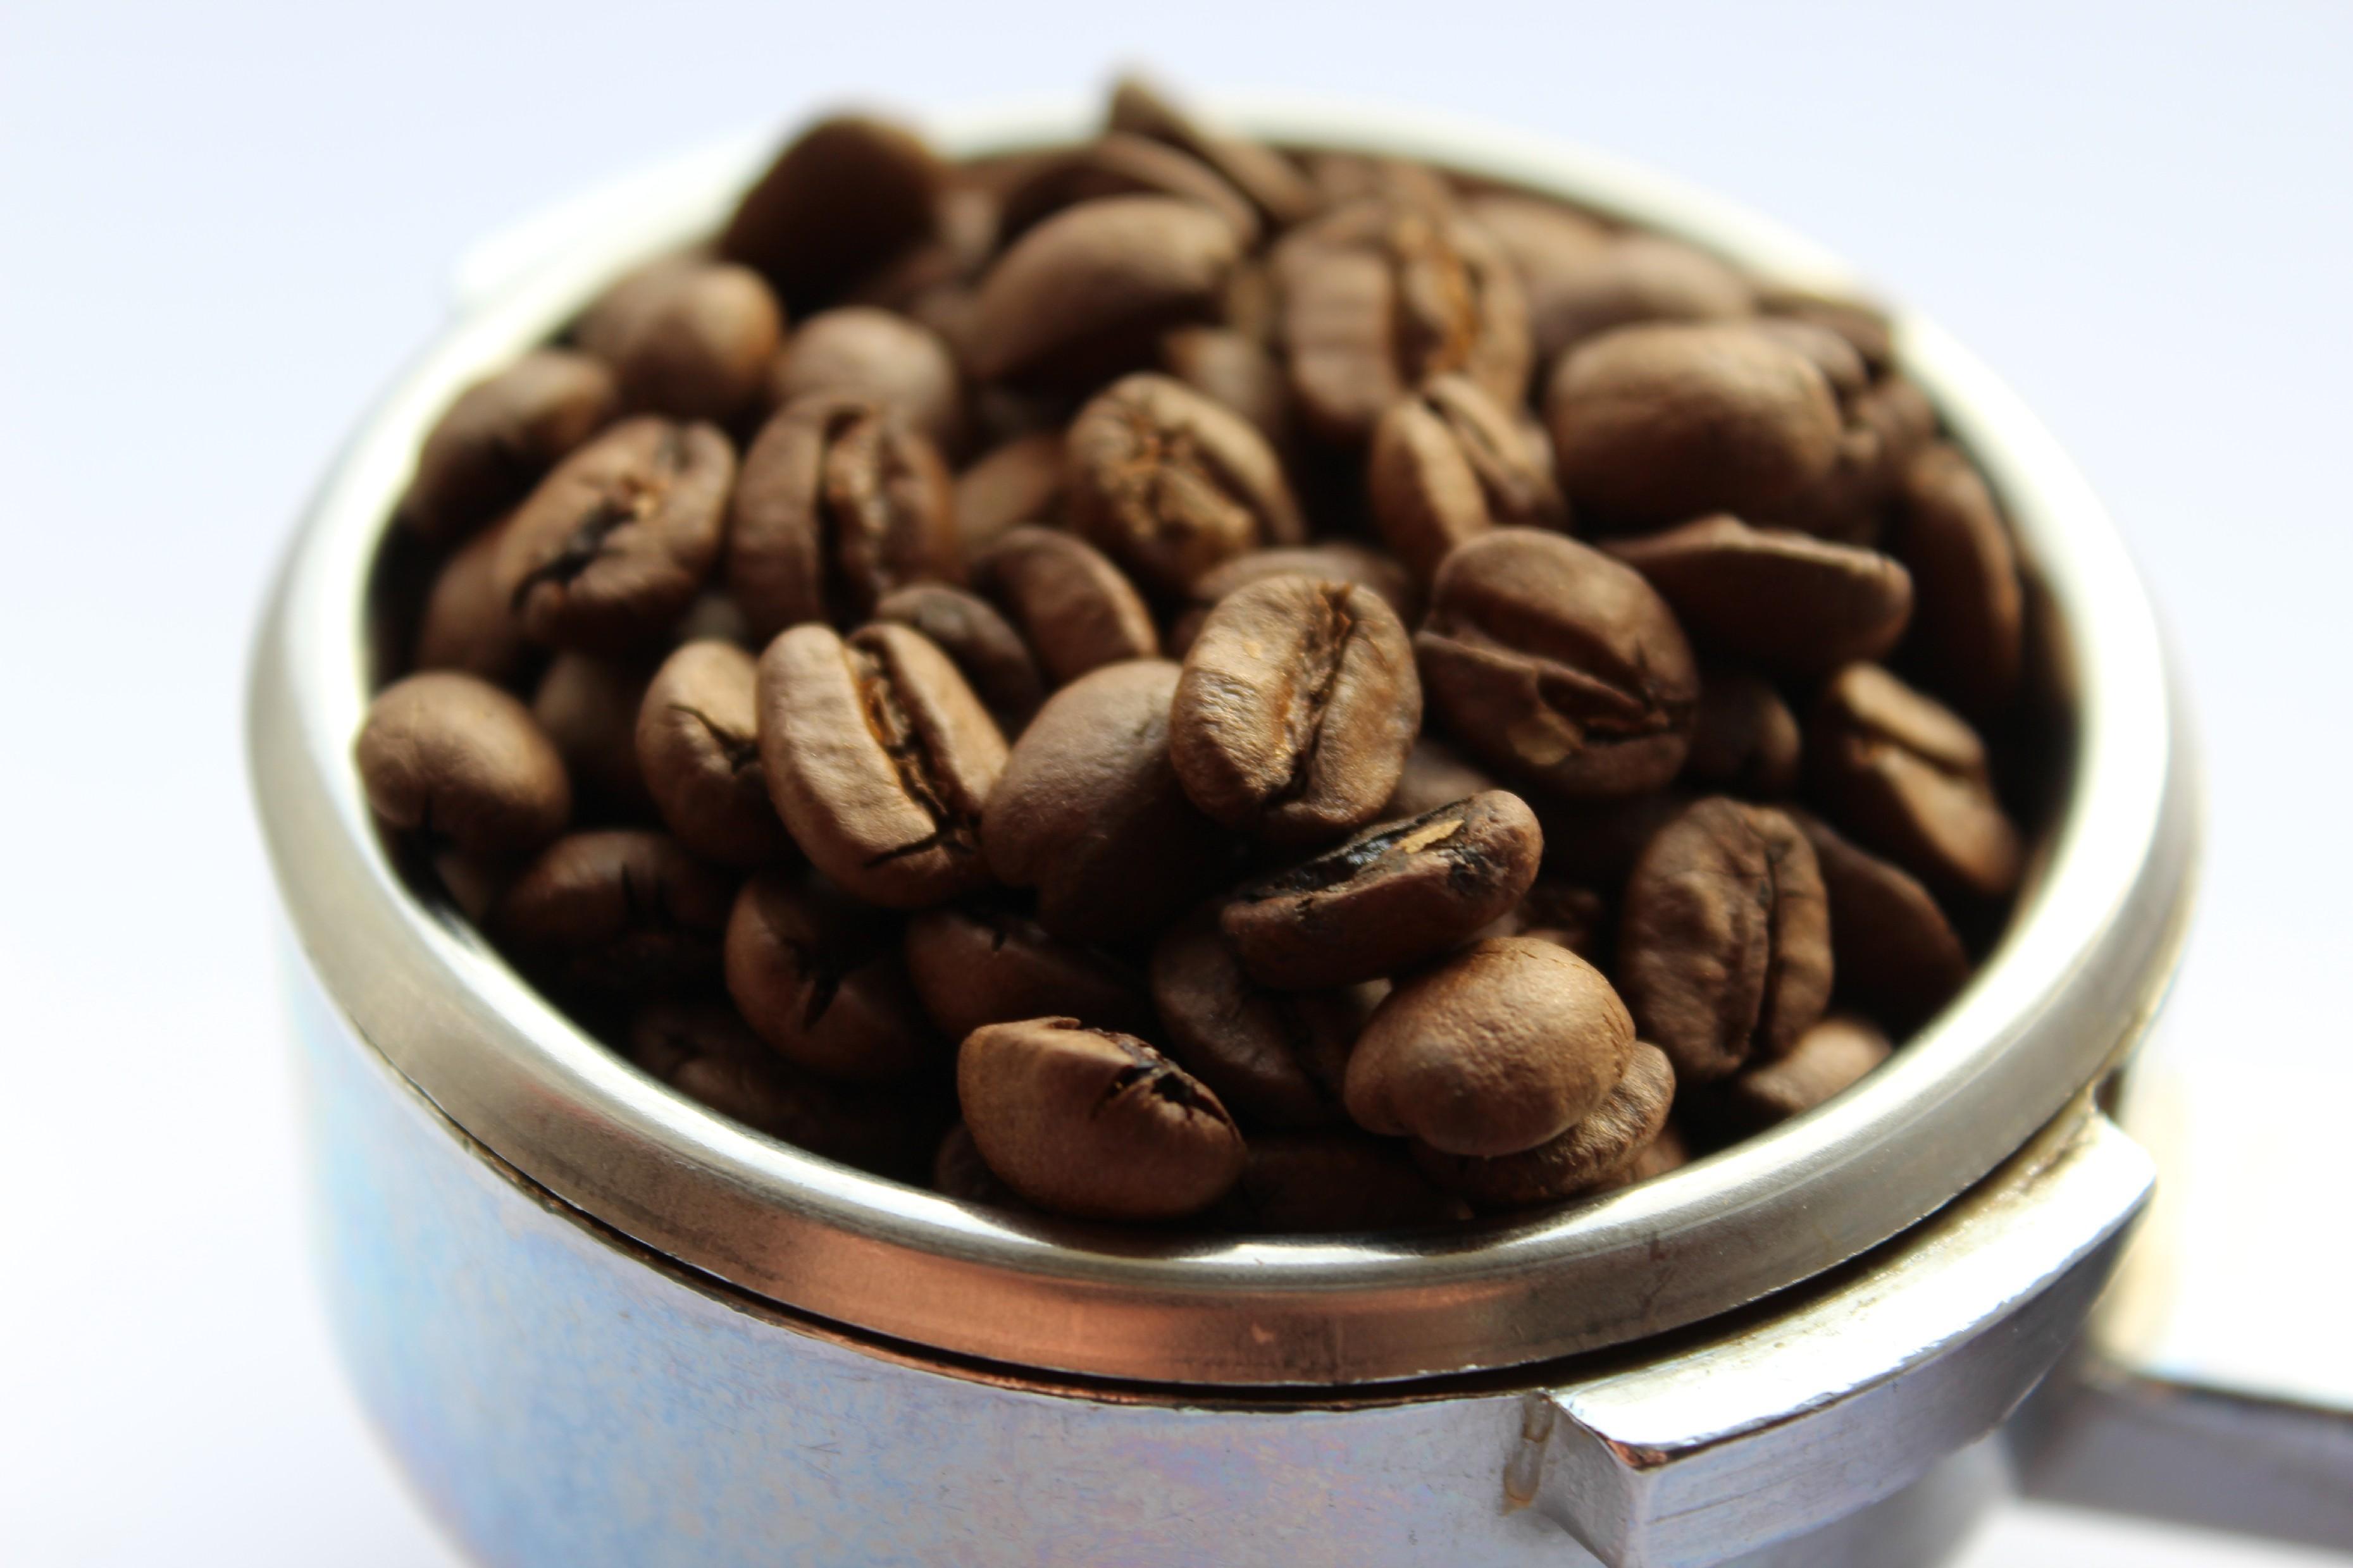 BotaCoffee Brazil Cerrado Screen 17/18 (1kg) Mletí kávy: Zrnková